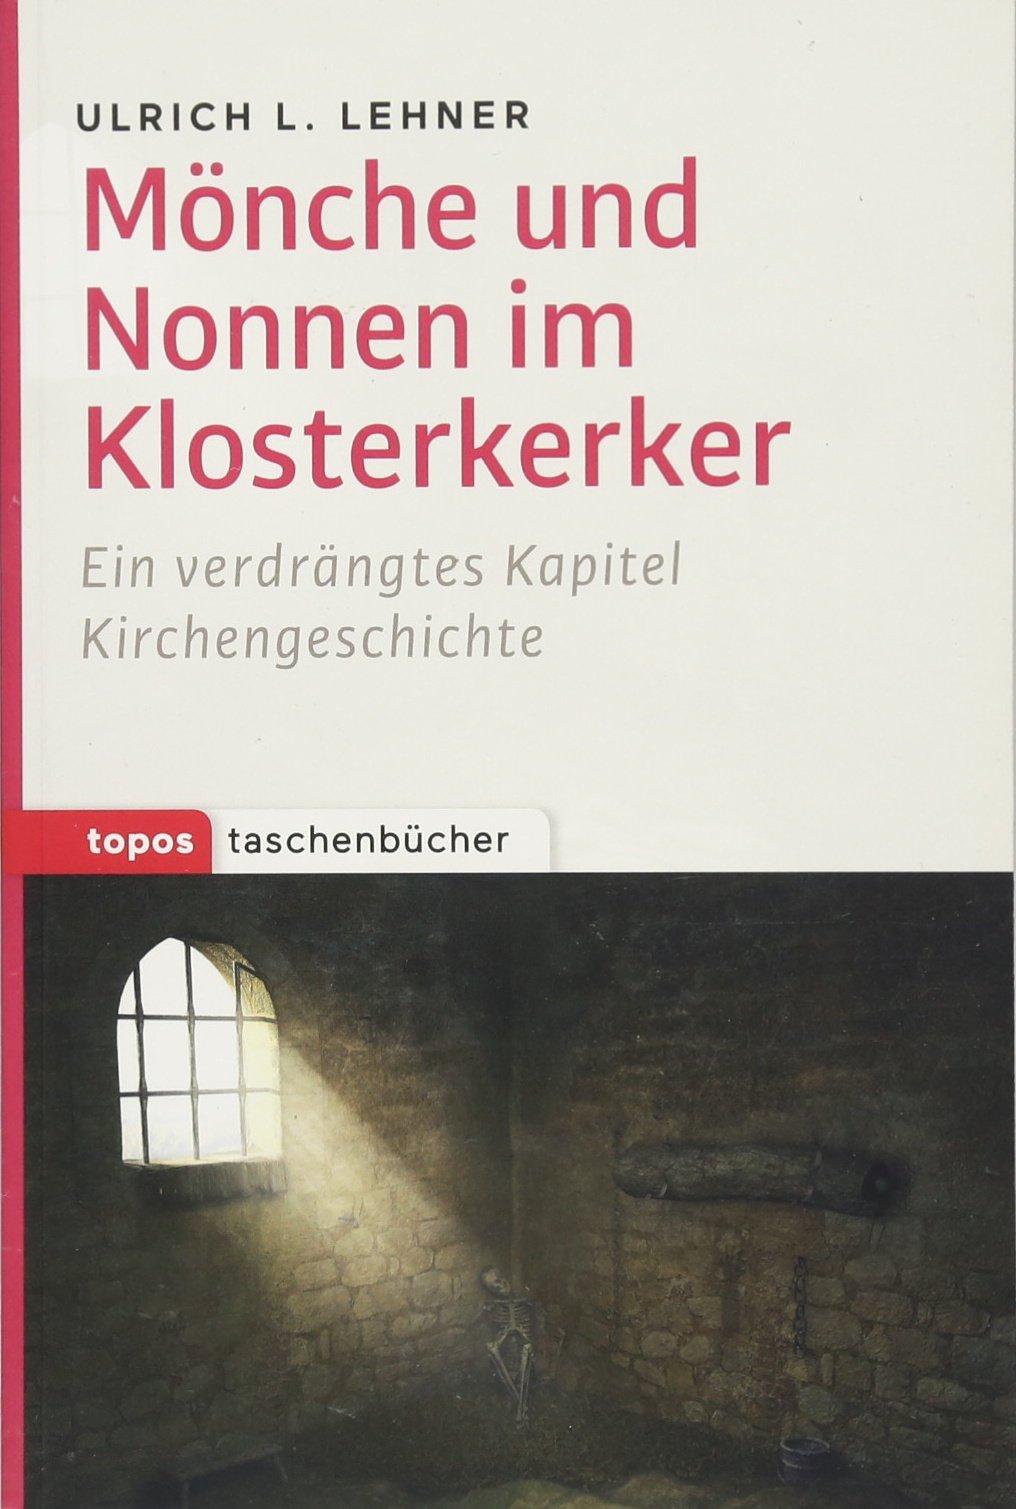 Mönche und Nonnen im Klosterkerker: Ein verdrängtes Kapitel Kirchengeschichte (Topos Taschenbücher)